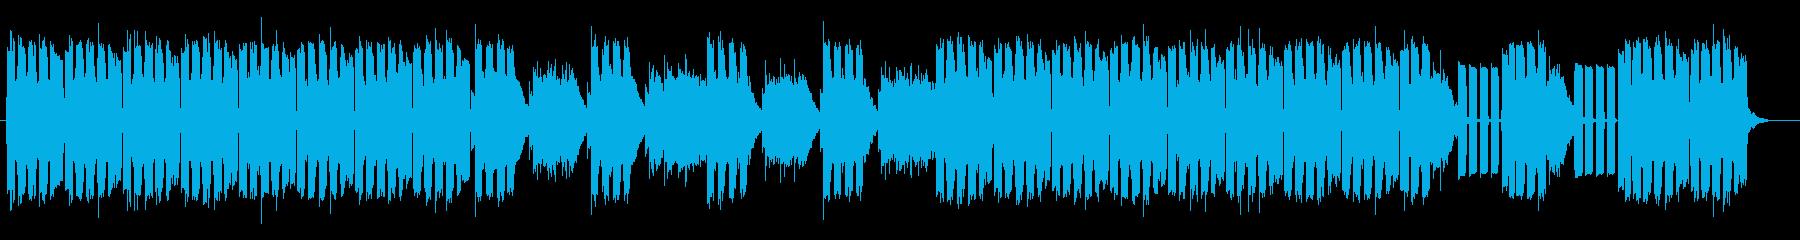 神秘的で不思議なスピリチュアルメロディーの再生済みの波形